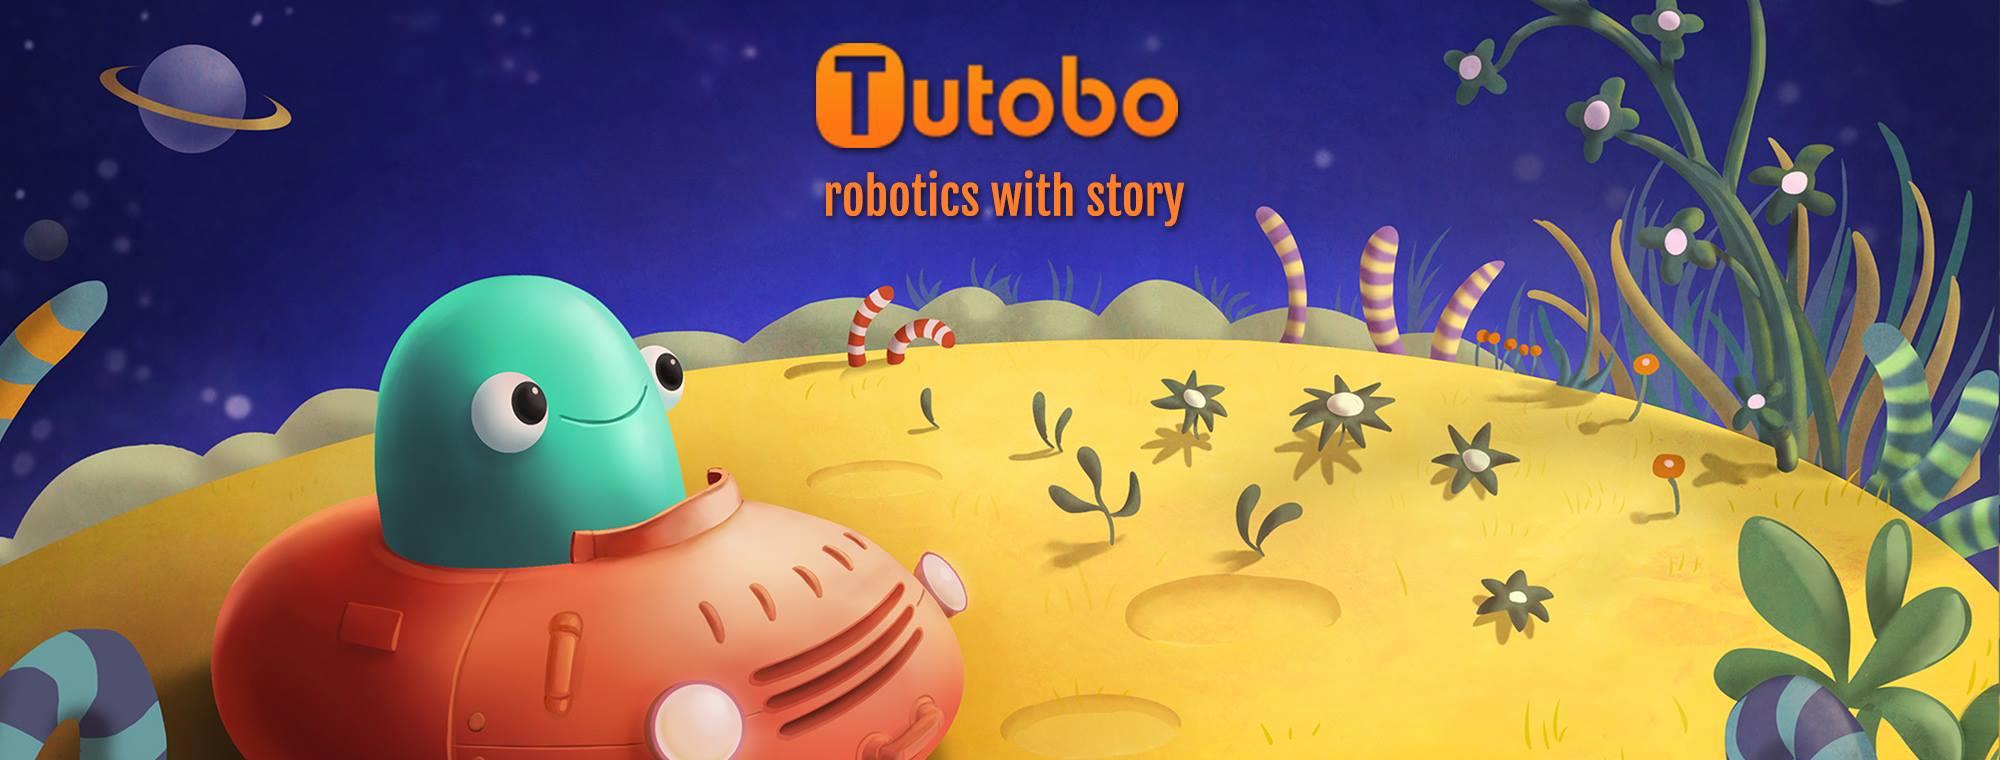 Max & Tobo par Tutobo